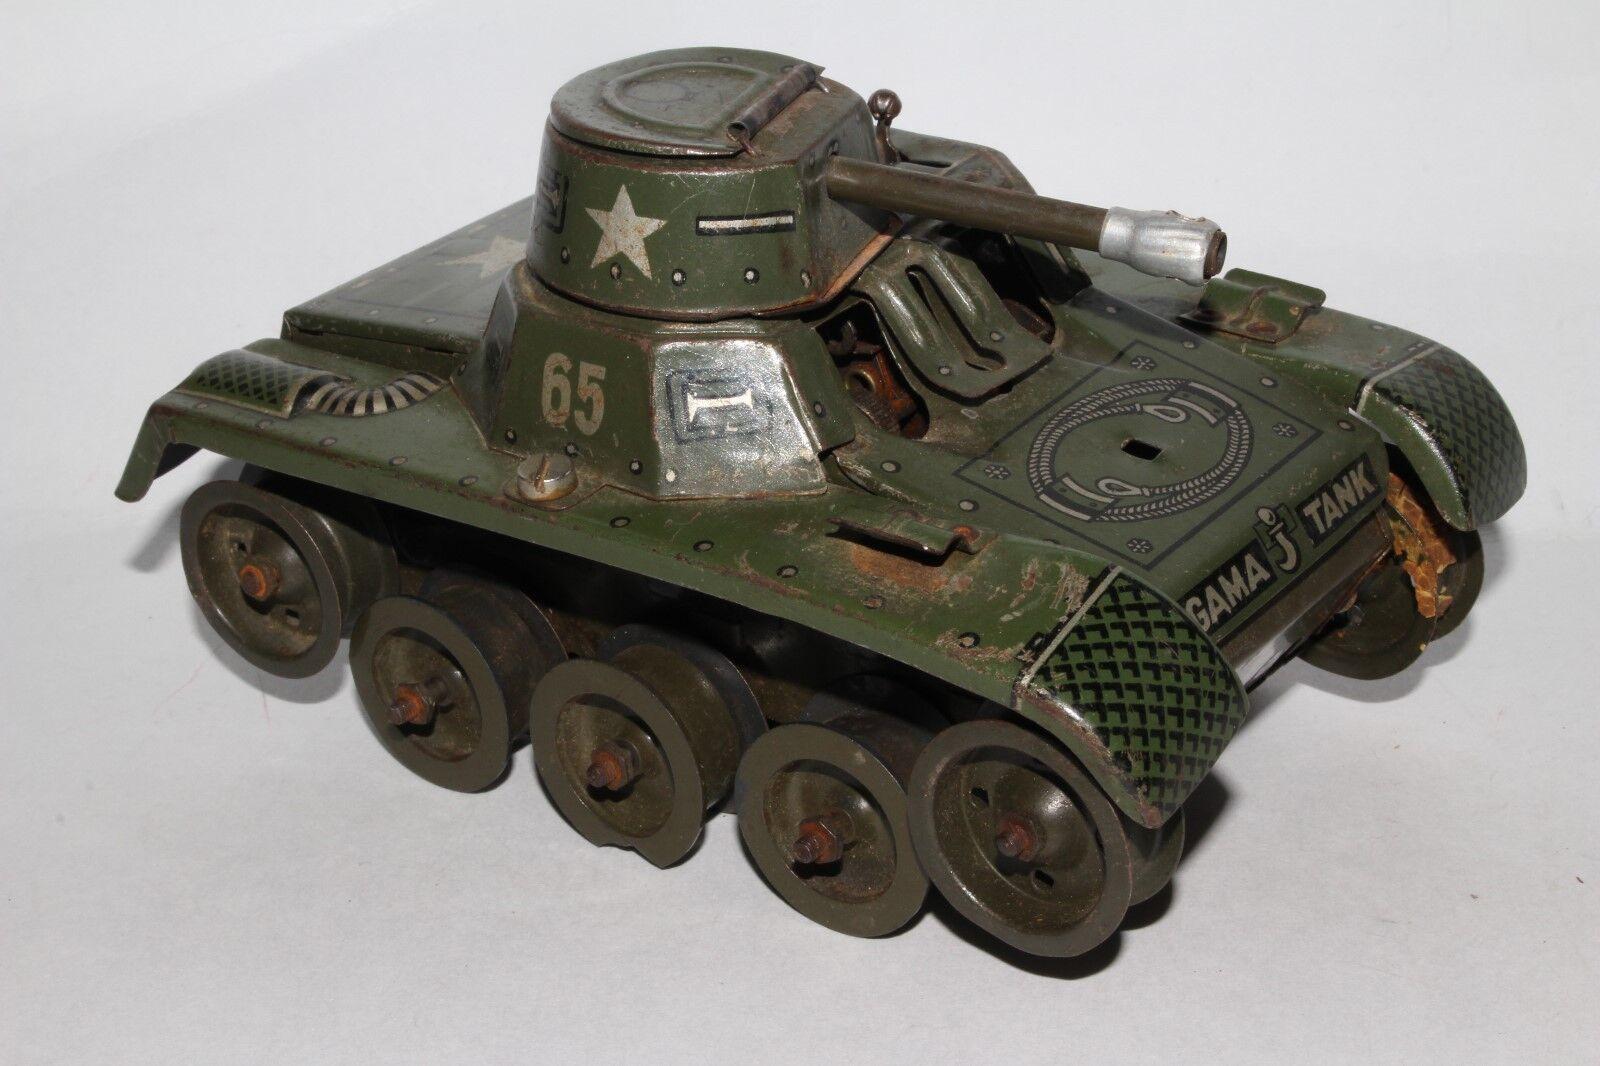 bajo precio 591ms Gama Hecho en Us Us Us Zone Alemania 65 Tanque, Original  Con precio barato para obtener la mejor marca.